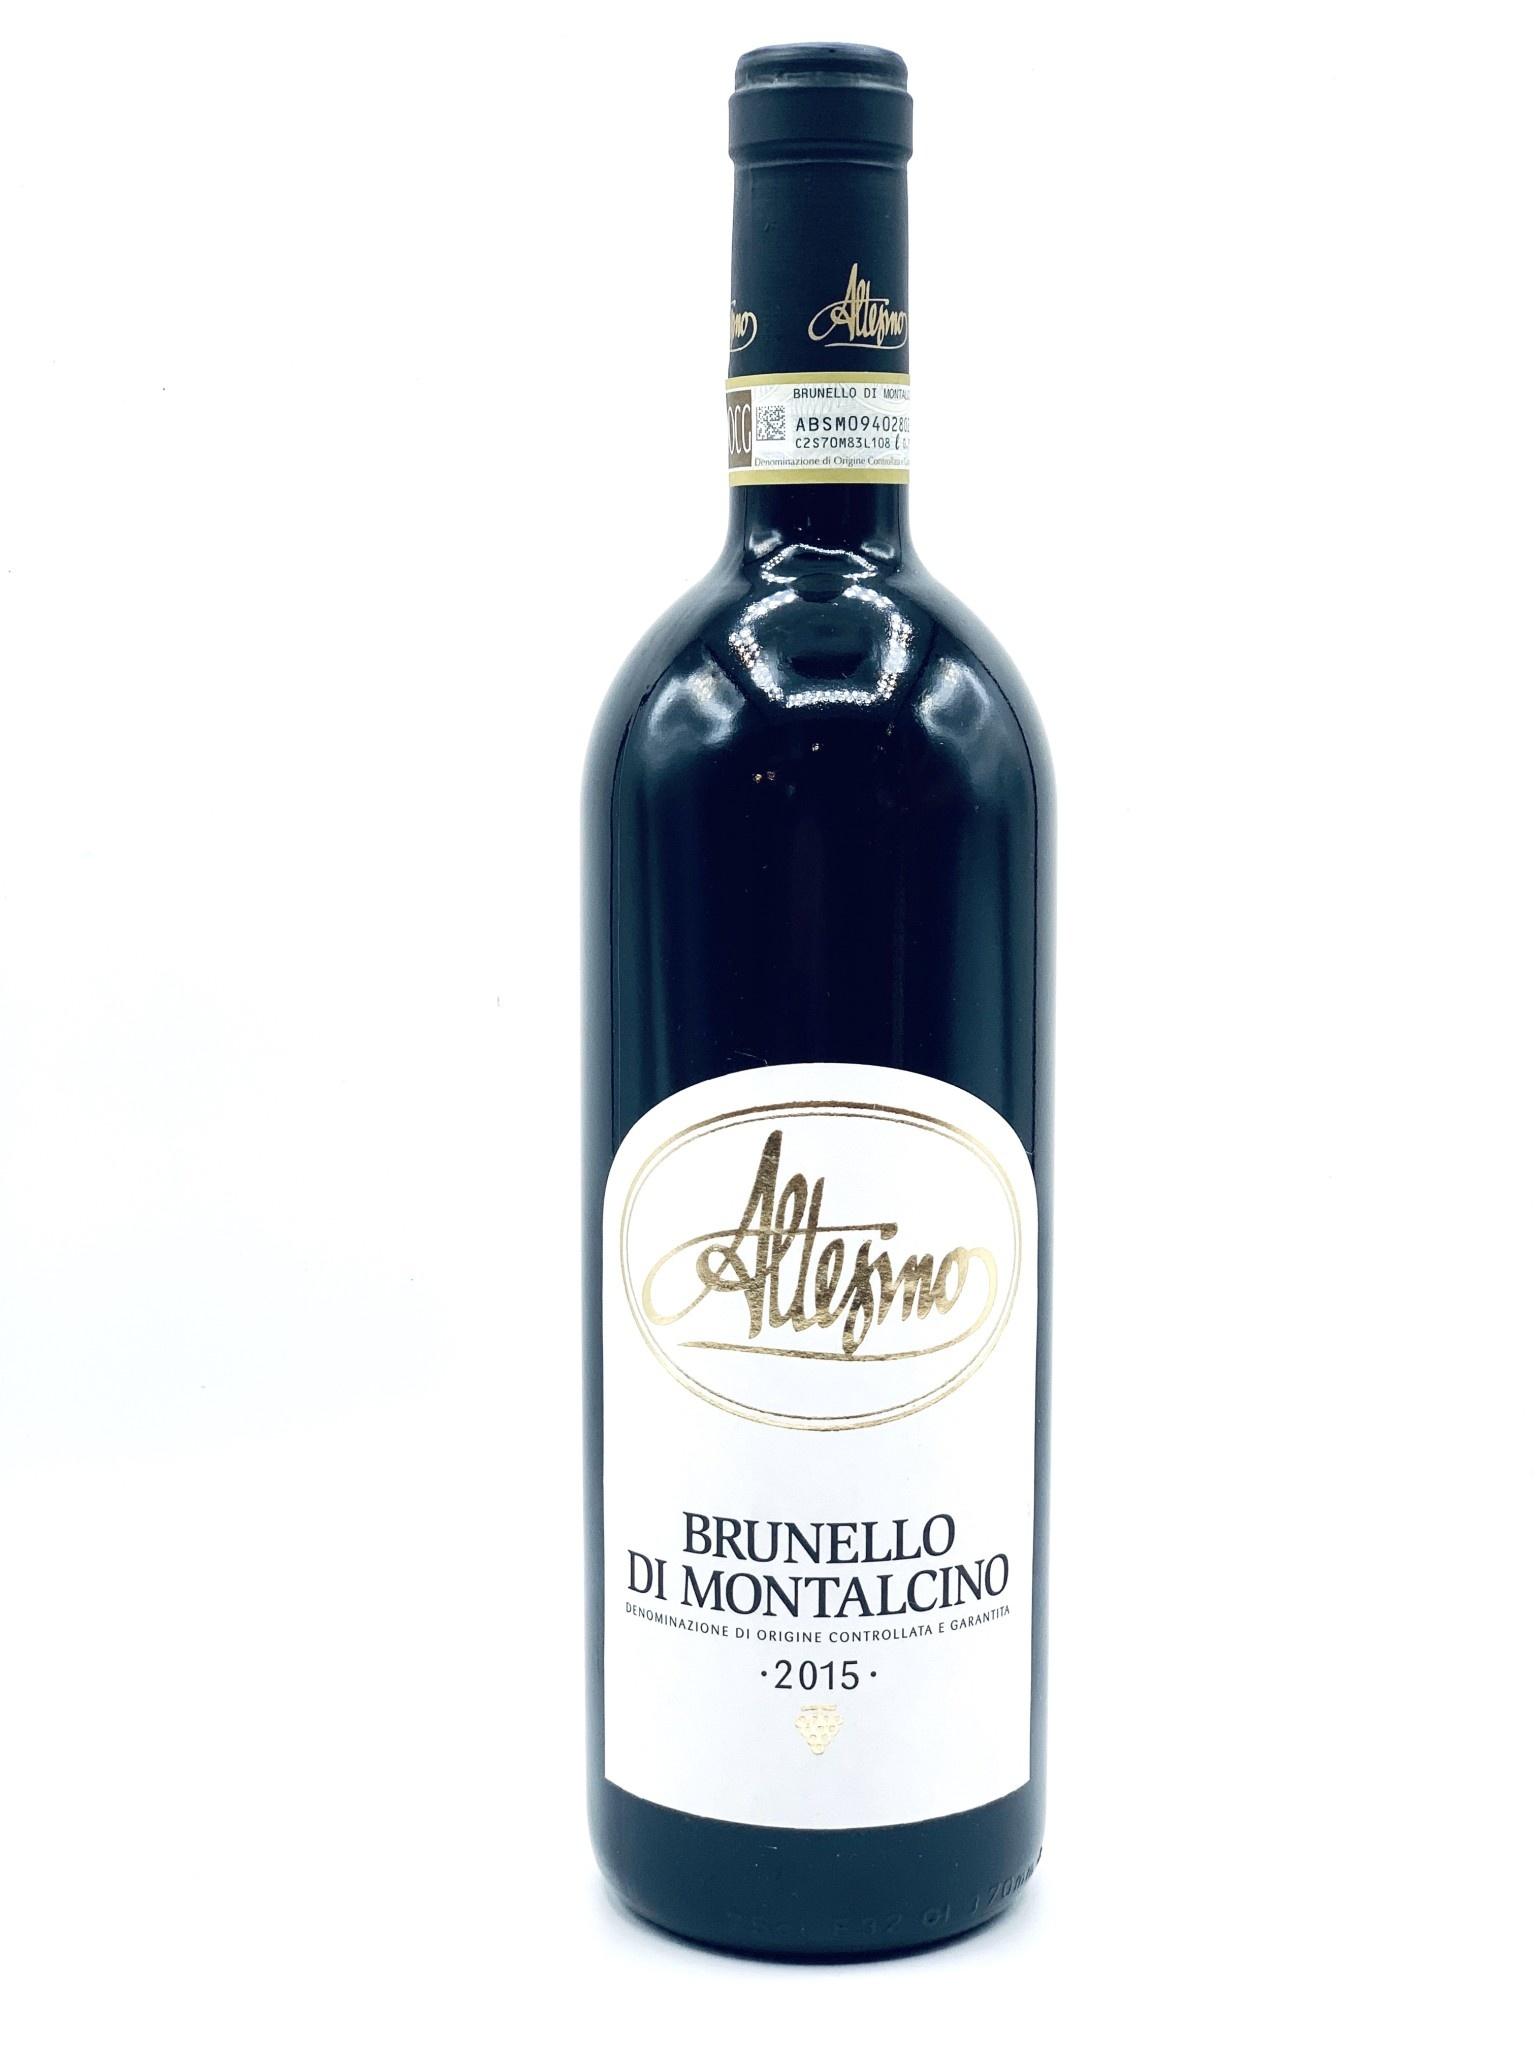 Brunello di Montalcino 2015 Altesino 750ml